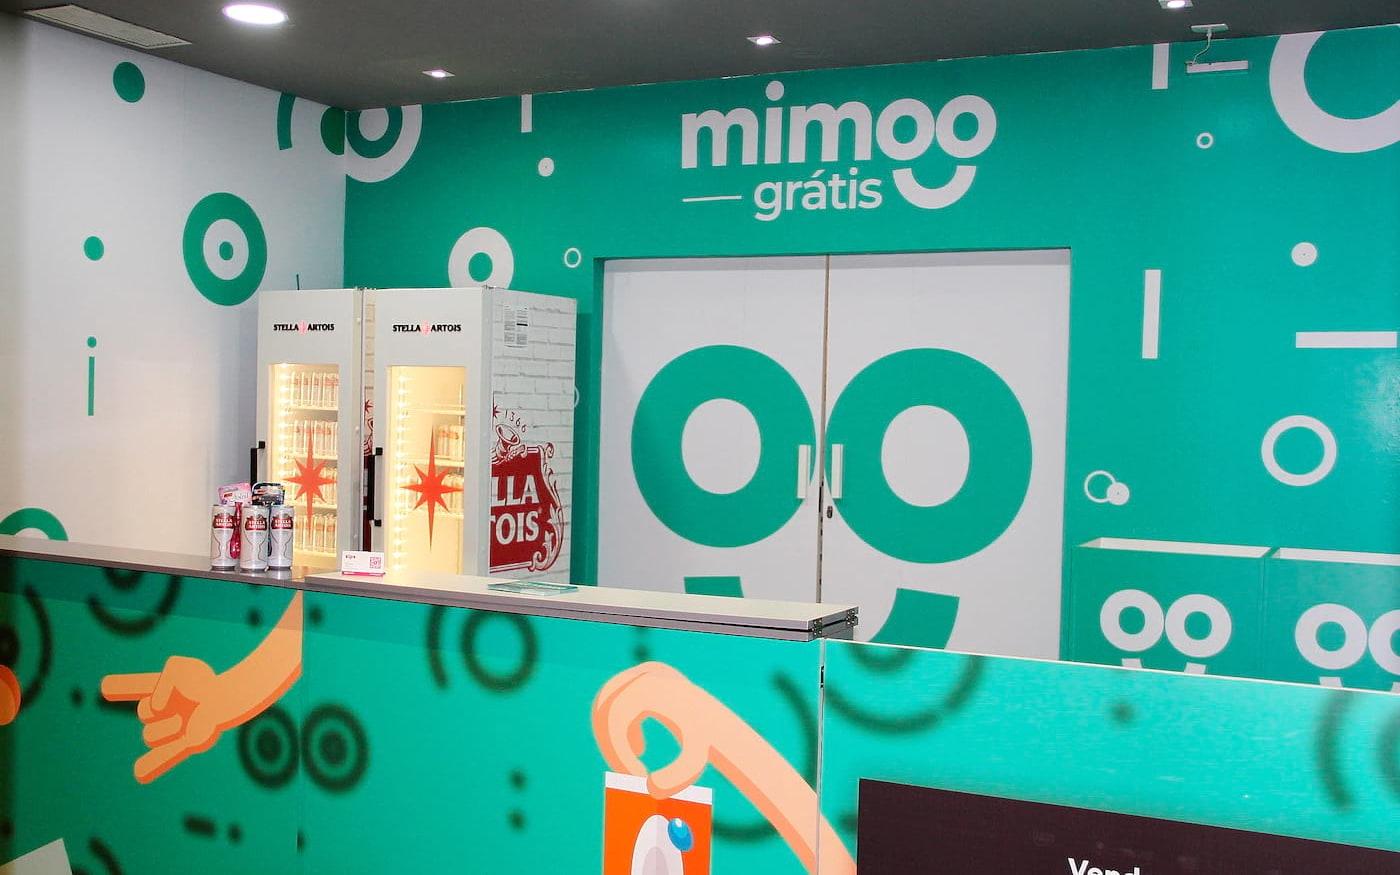 Como adquirir os produtos grátis da loja Mimoo?